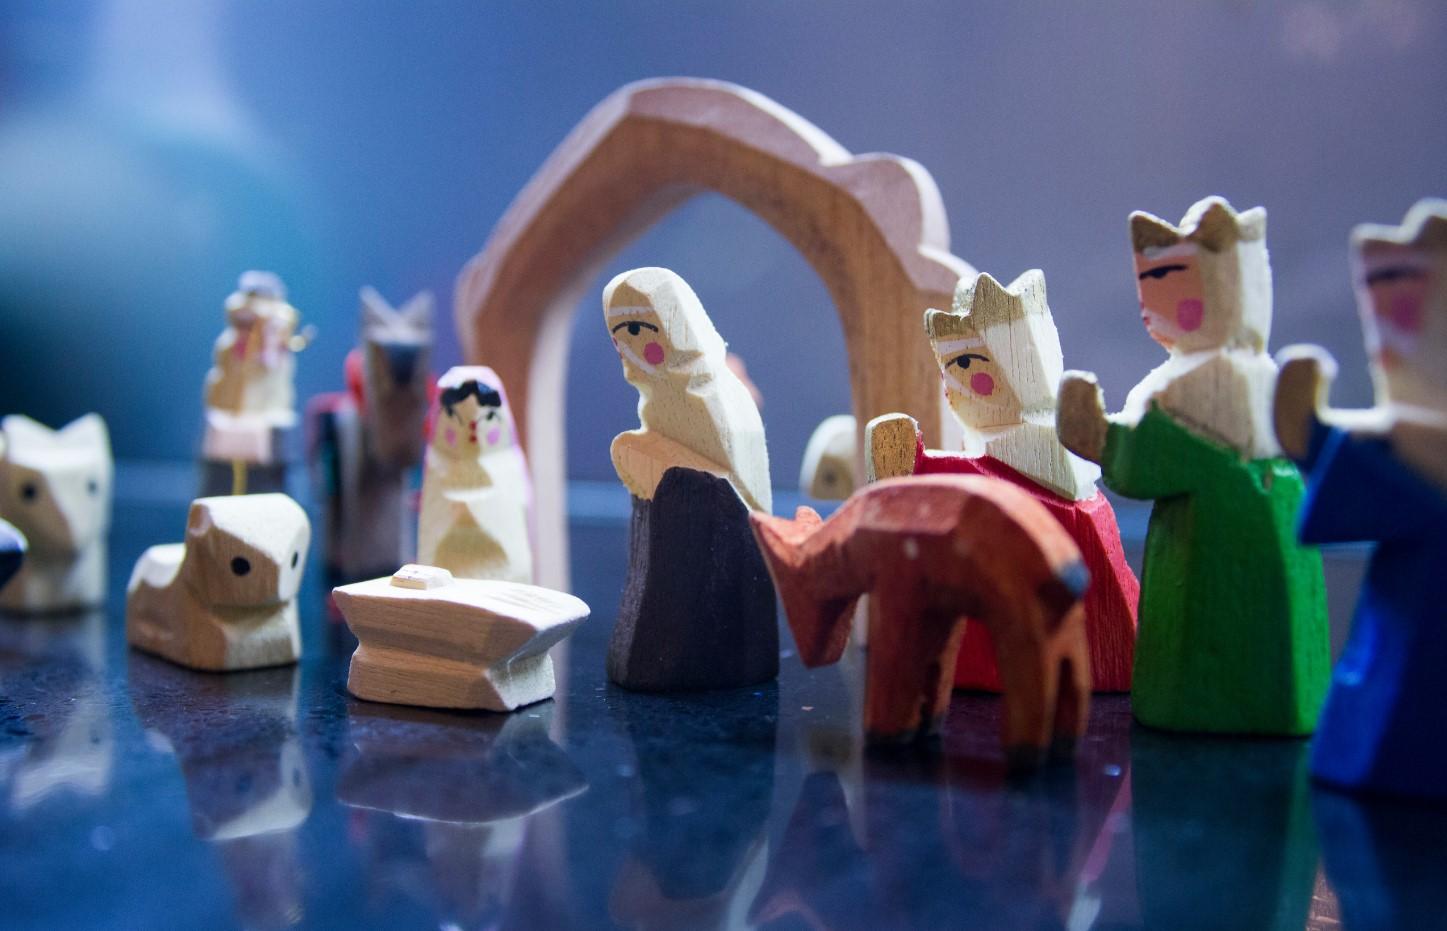 christian christmas animated images